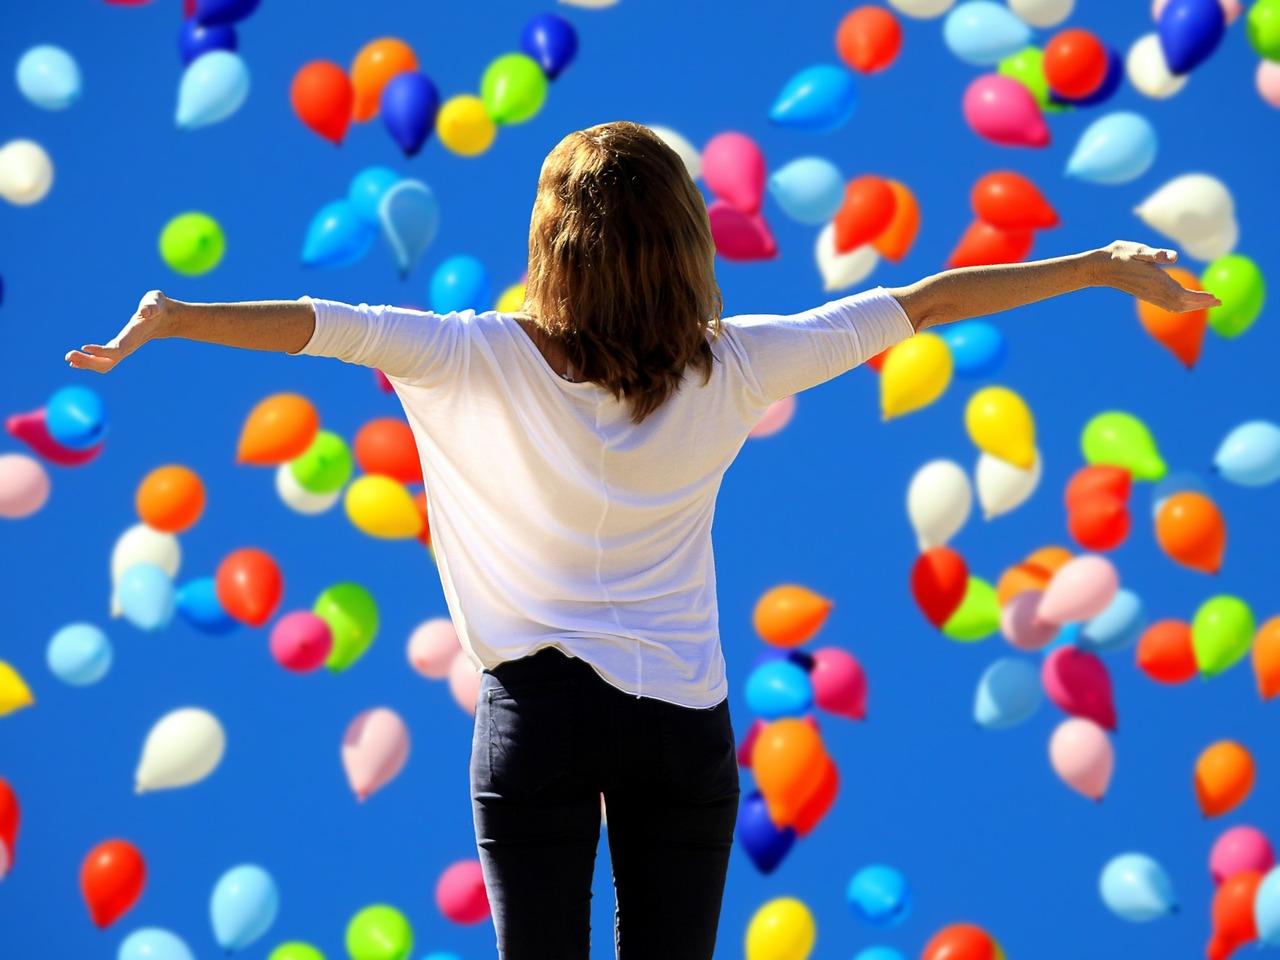 страницах этого картинки для счастья и радости караморы характеризует большая